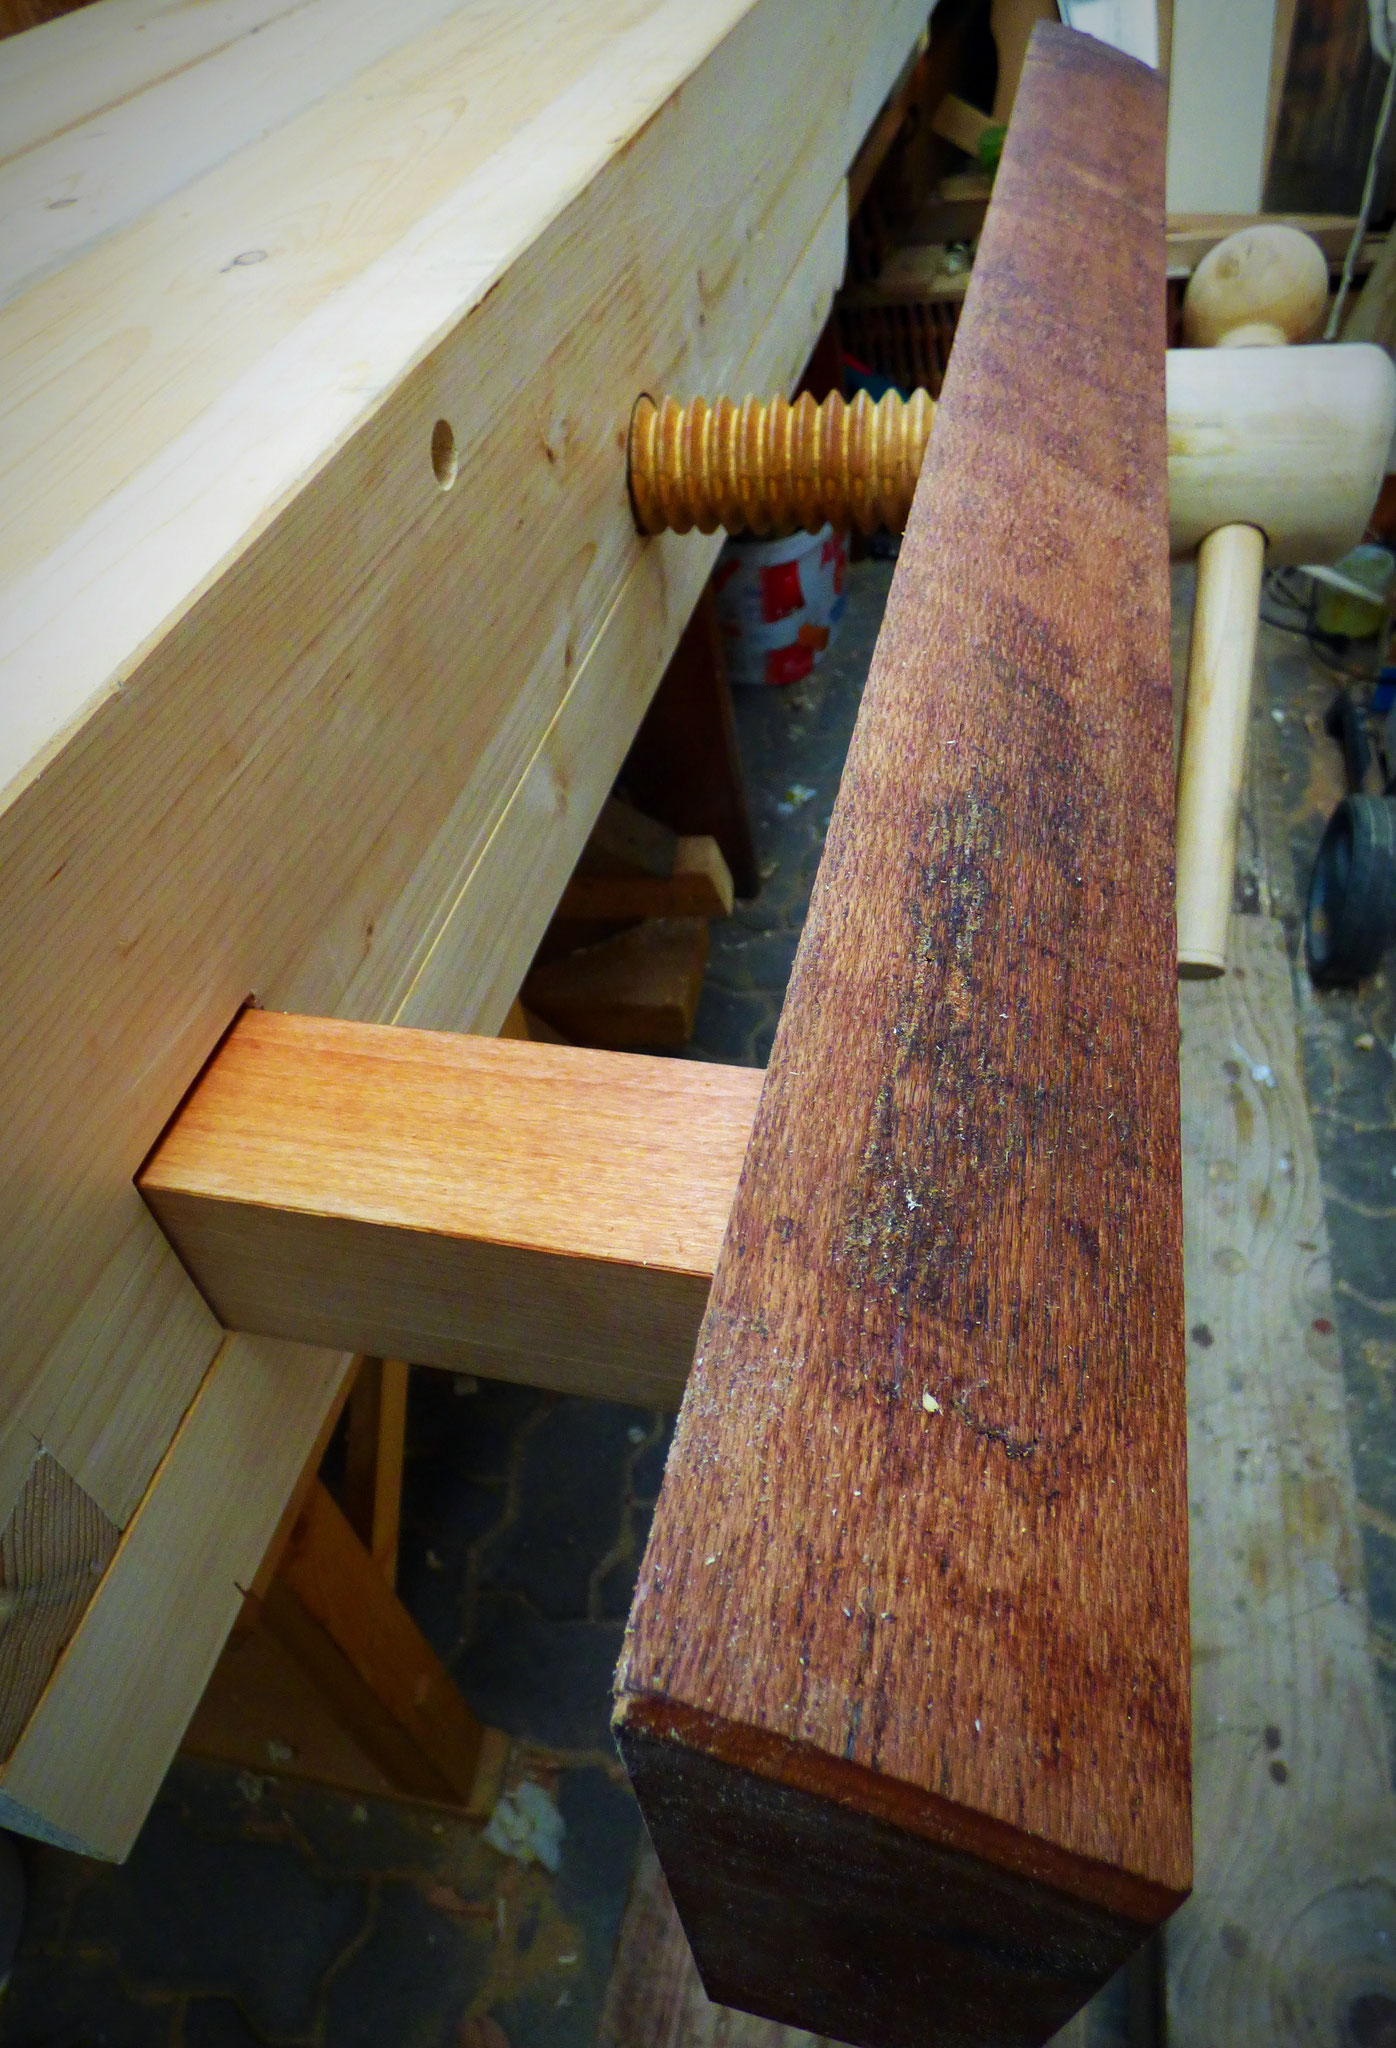 wood working bench vise, face vice, Vorderzange, vis de vice en bois